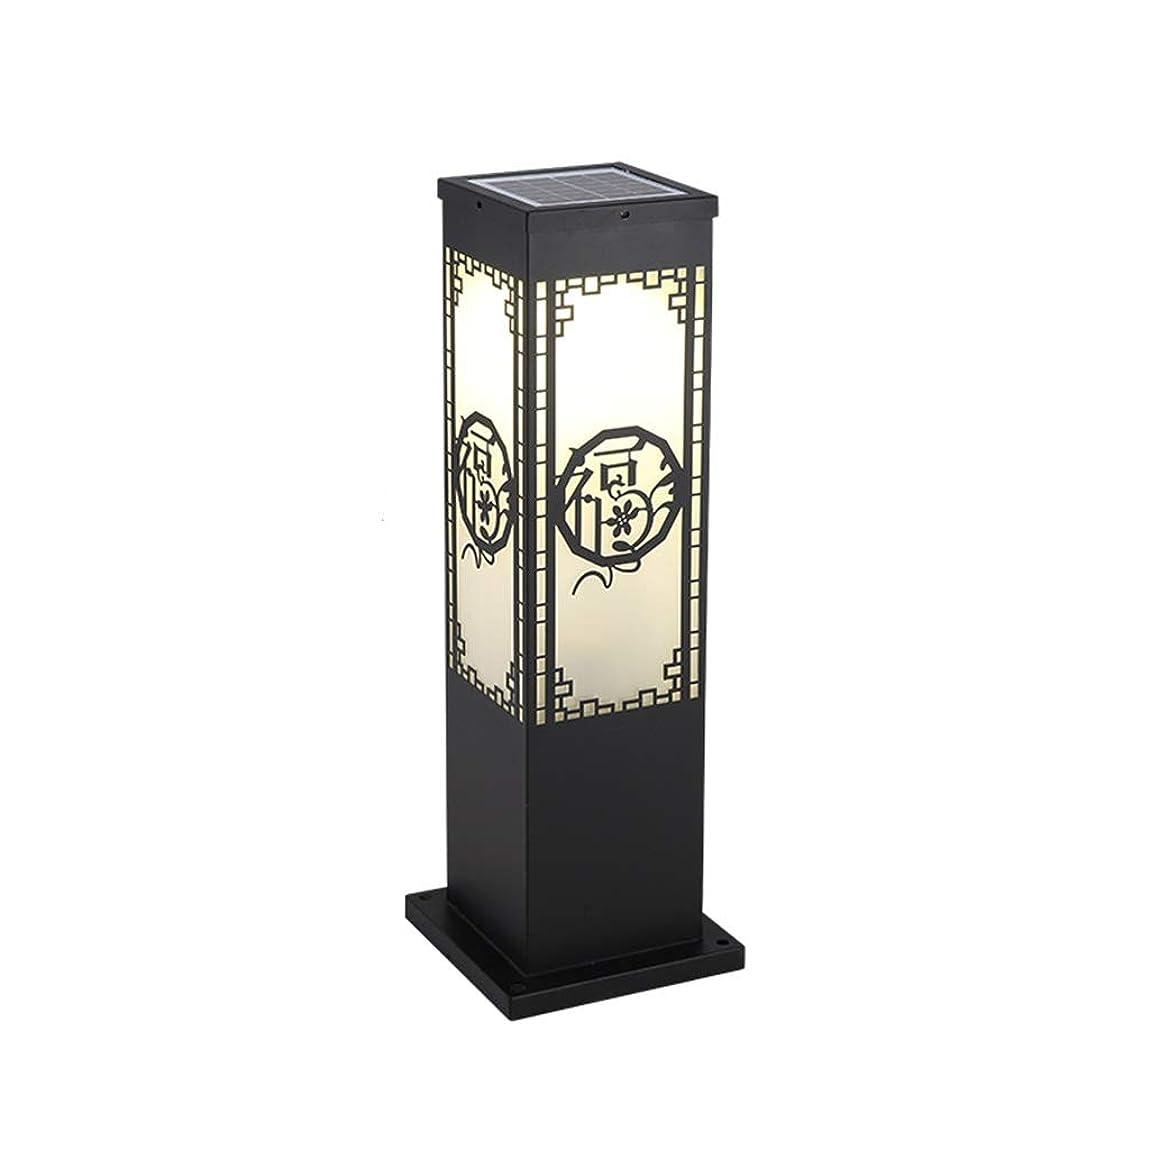 こだわり設置にIUYWLガーデンライト ダイカストアルミランドスケープガーデンフロアランプ装飾ポーチ中庭中庭装飾コラムランプ安全屋外街灯(サイズ:20×60 Cm) IUYWLガーデンライト